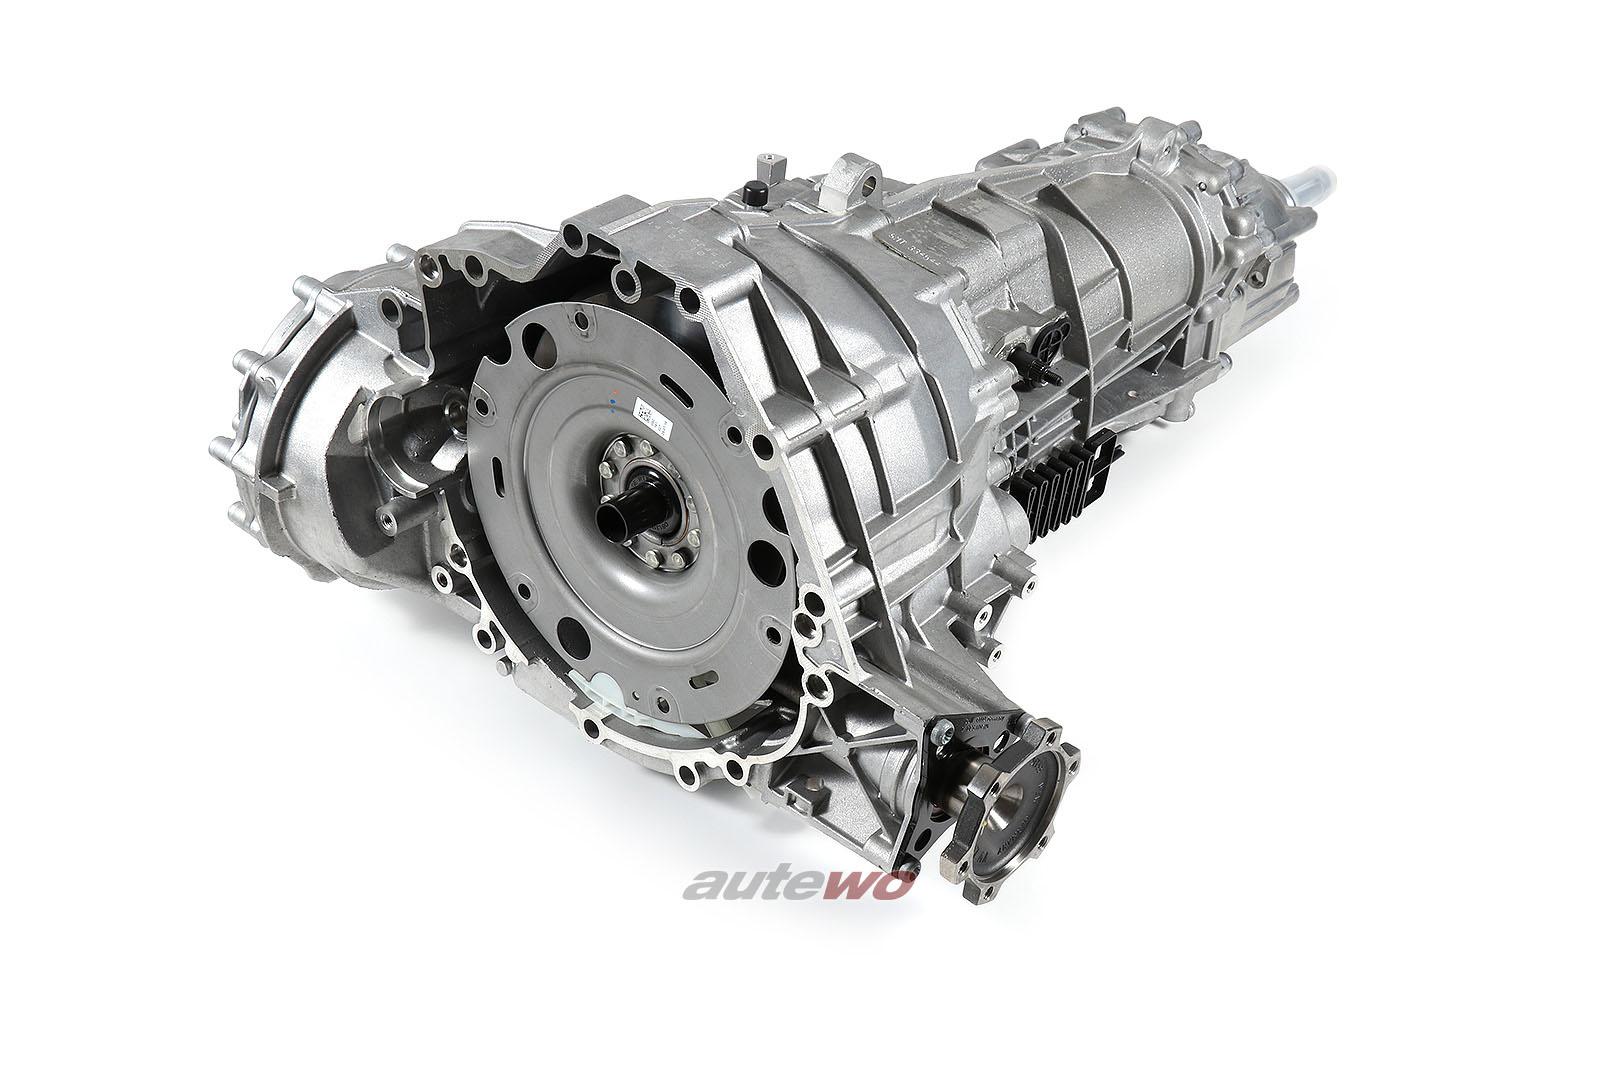 0B2300029M NEU Audi A4 8K/A5 8T 2.0l TDI 6-Gang Schaltgetriebe Quattro PJE